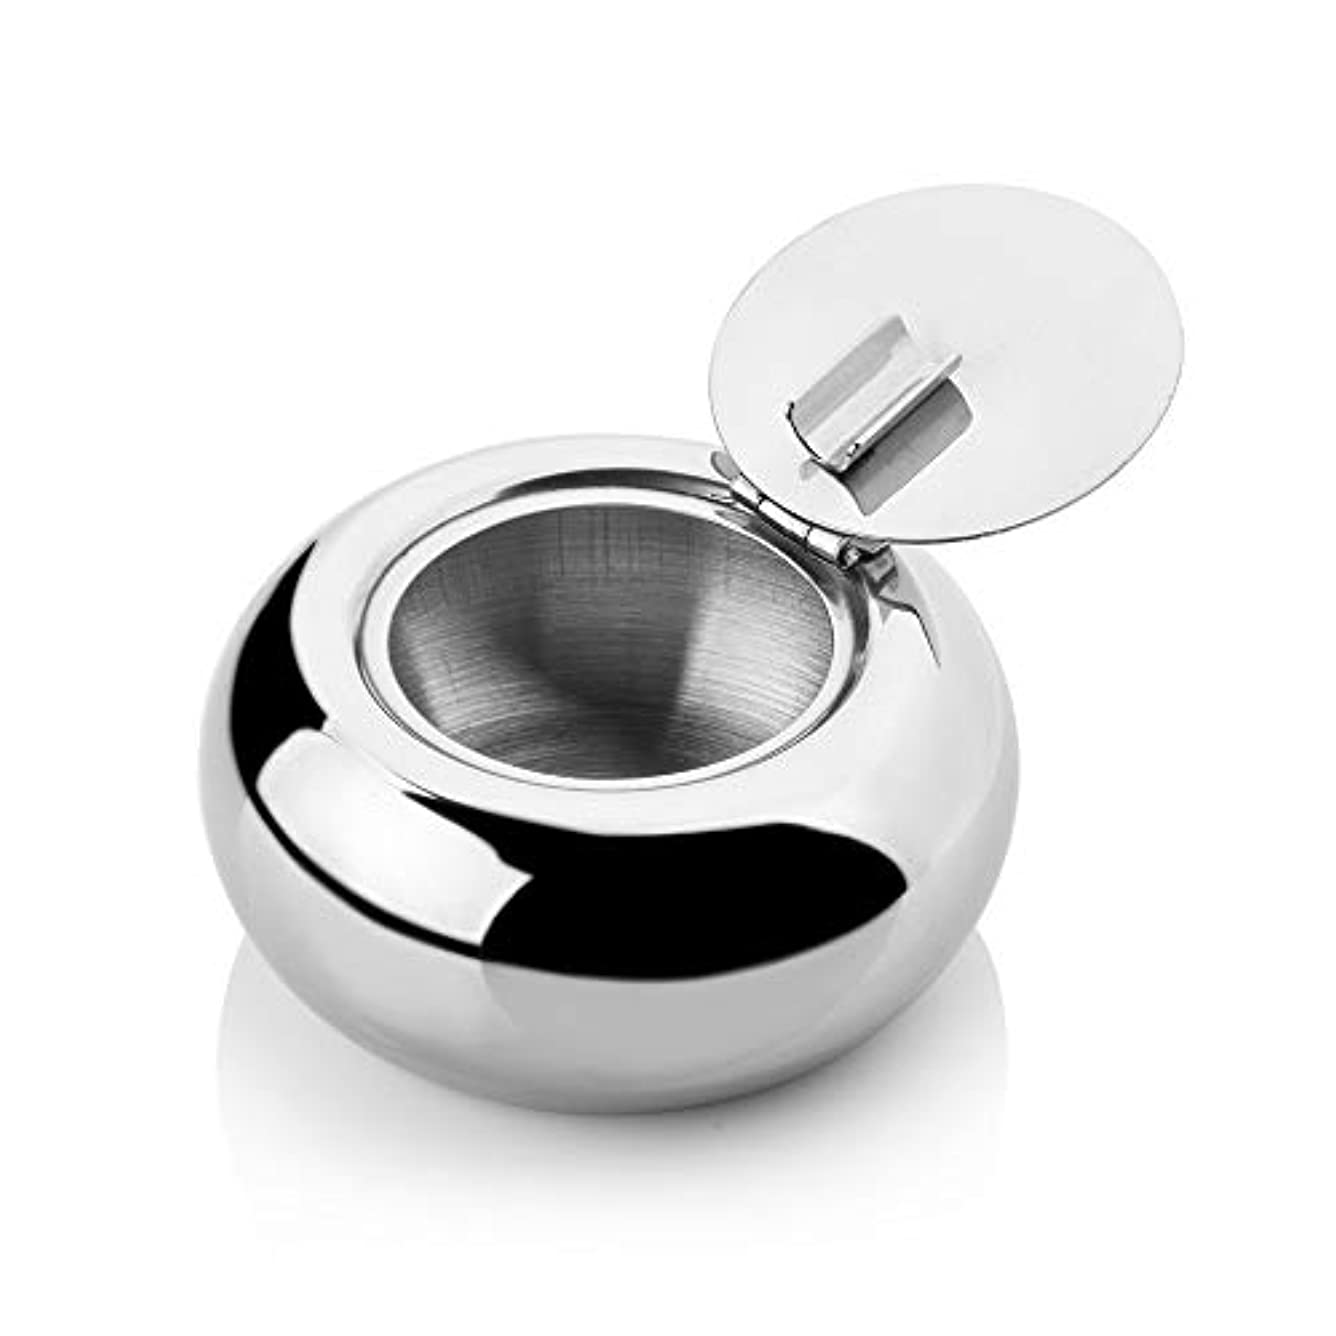 行動解体する天のステンレス鋼の覆われた灰皿、屋内/屋外の普遍的な灰皿、きれいにすること容易防風の灰皿 (色 : L)